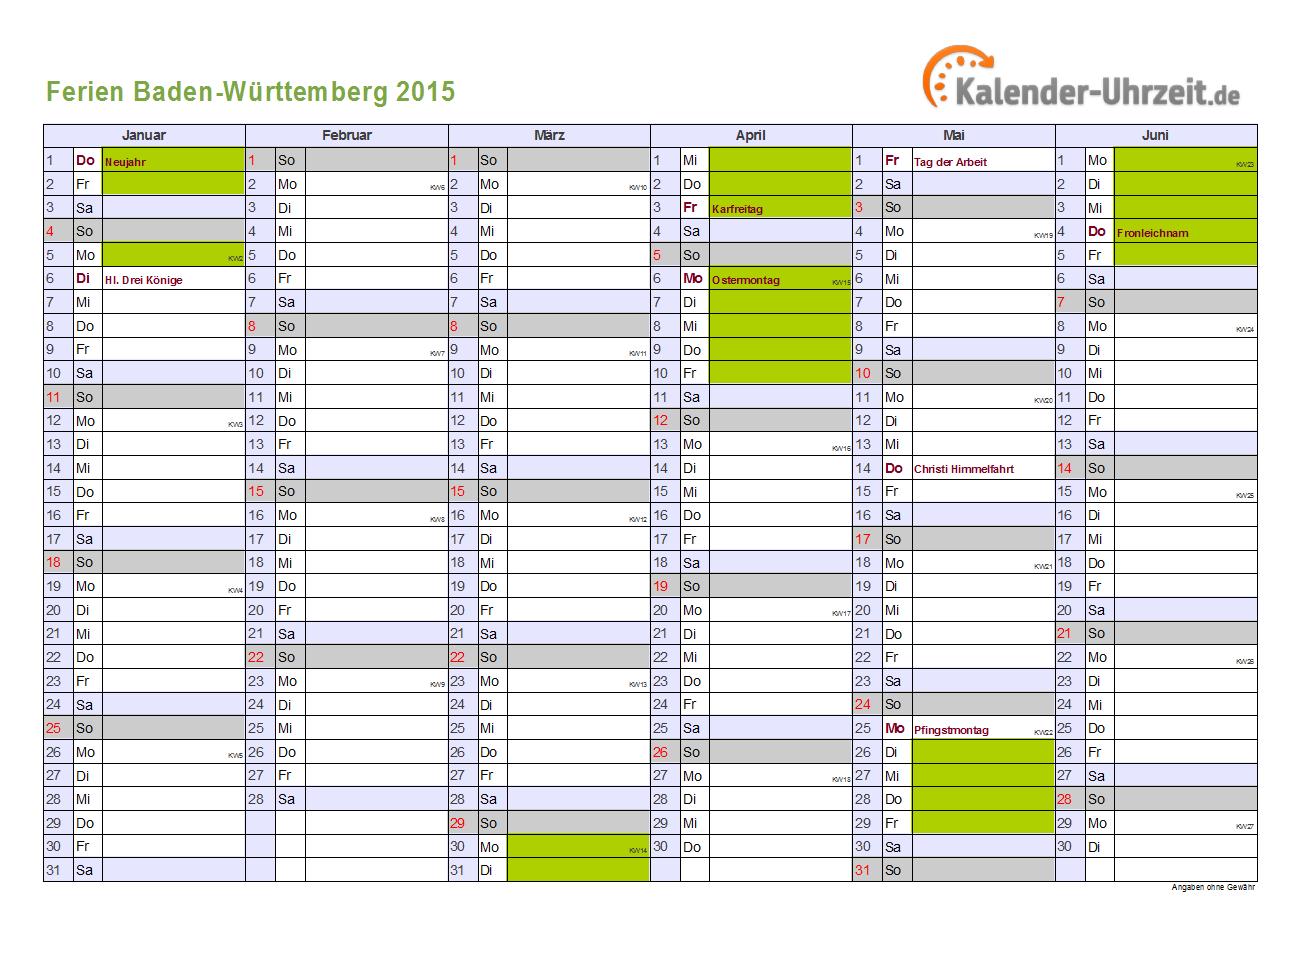 Ferien Baden-Württemberg 2015 - Ferienkalender zum Ausdrucken